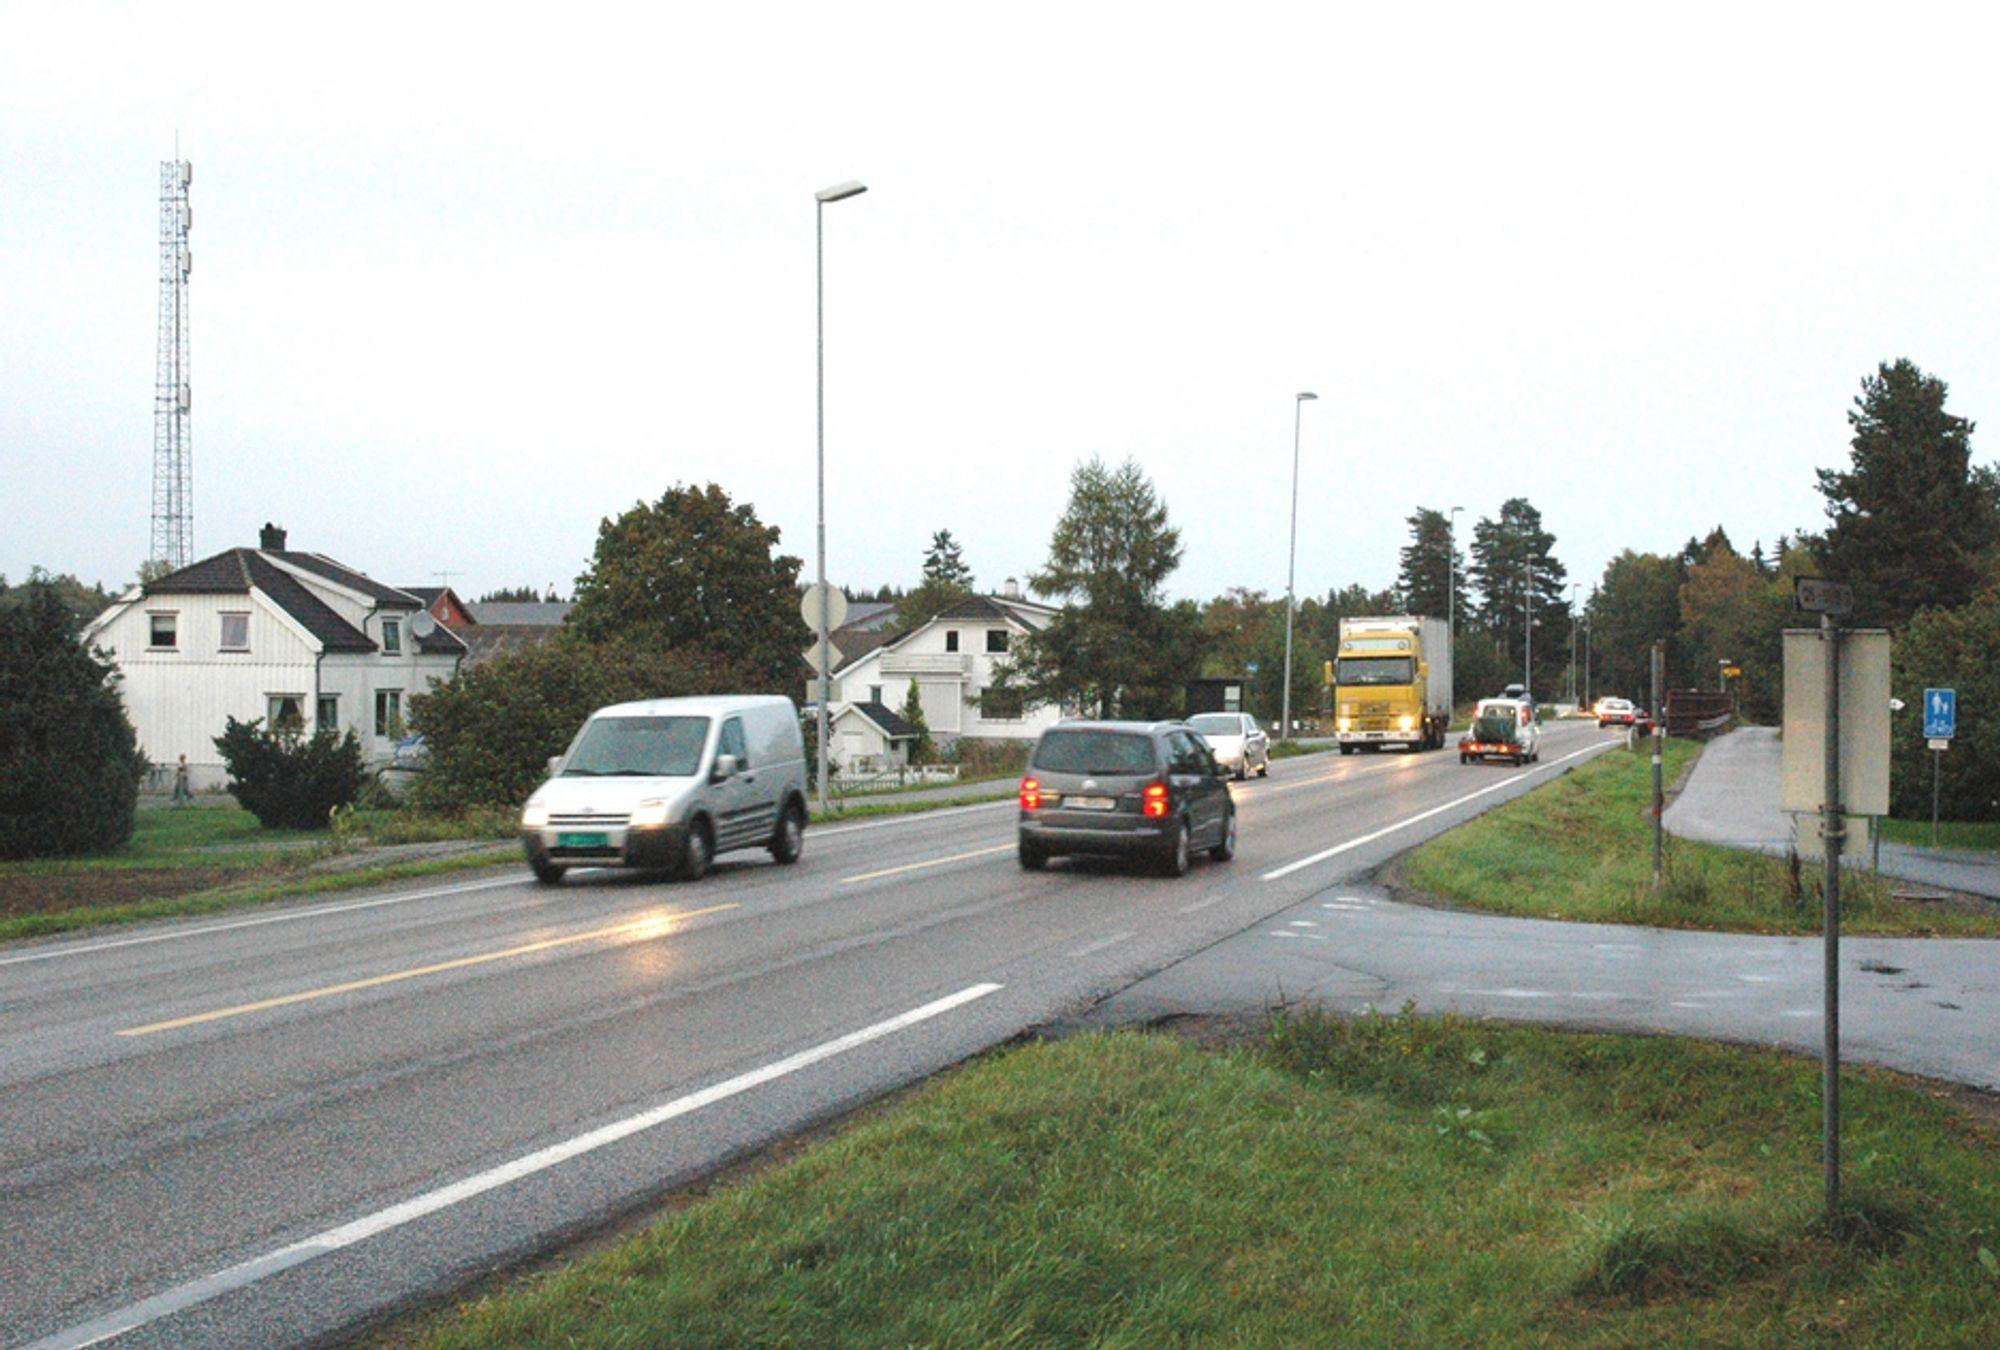 Både randbebyggelsen og trafikken går tett i boligfeltet Ringdal langs E 18 mellom Langåker og Seierstad. Om mindre enn tre å er prøvelsen for beboerne over.